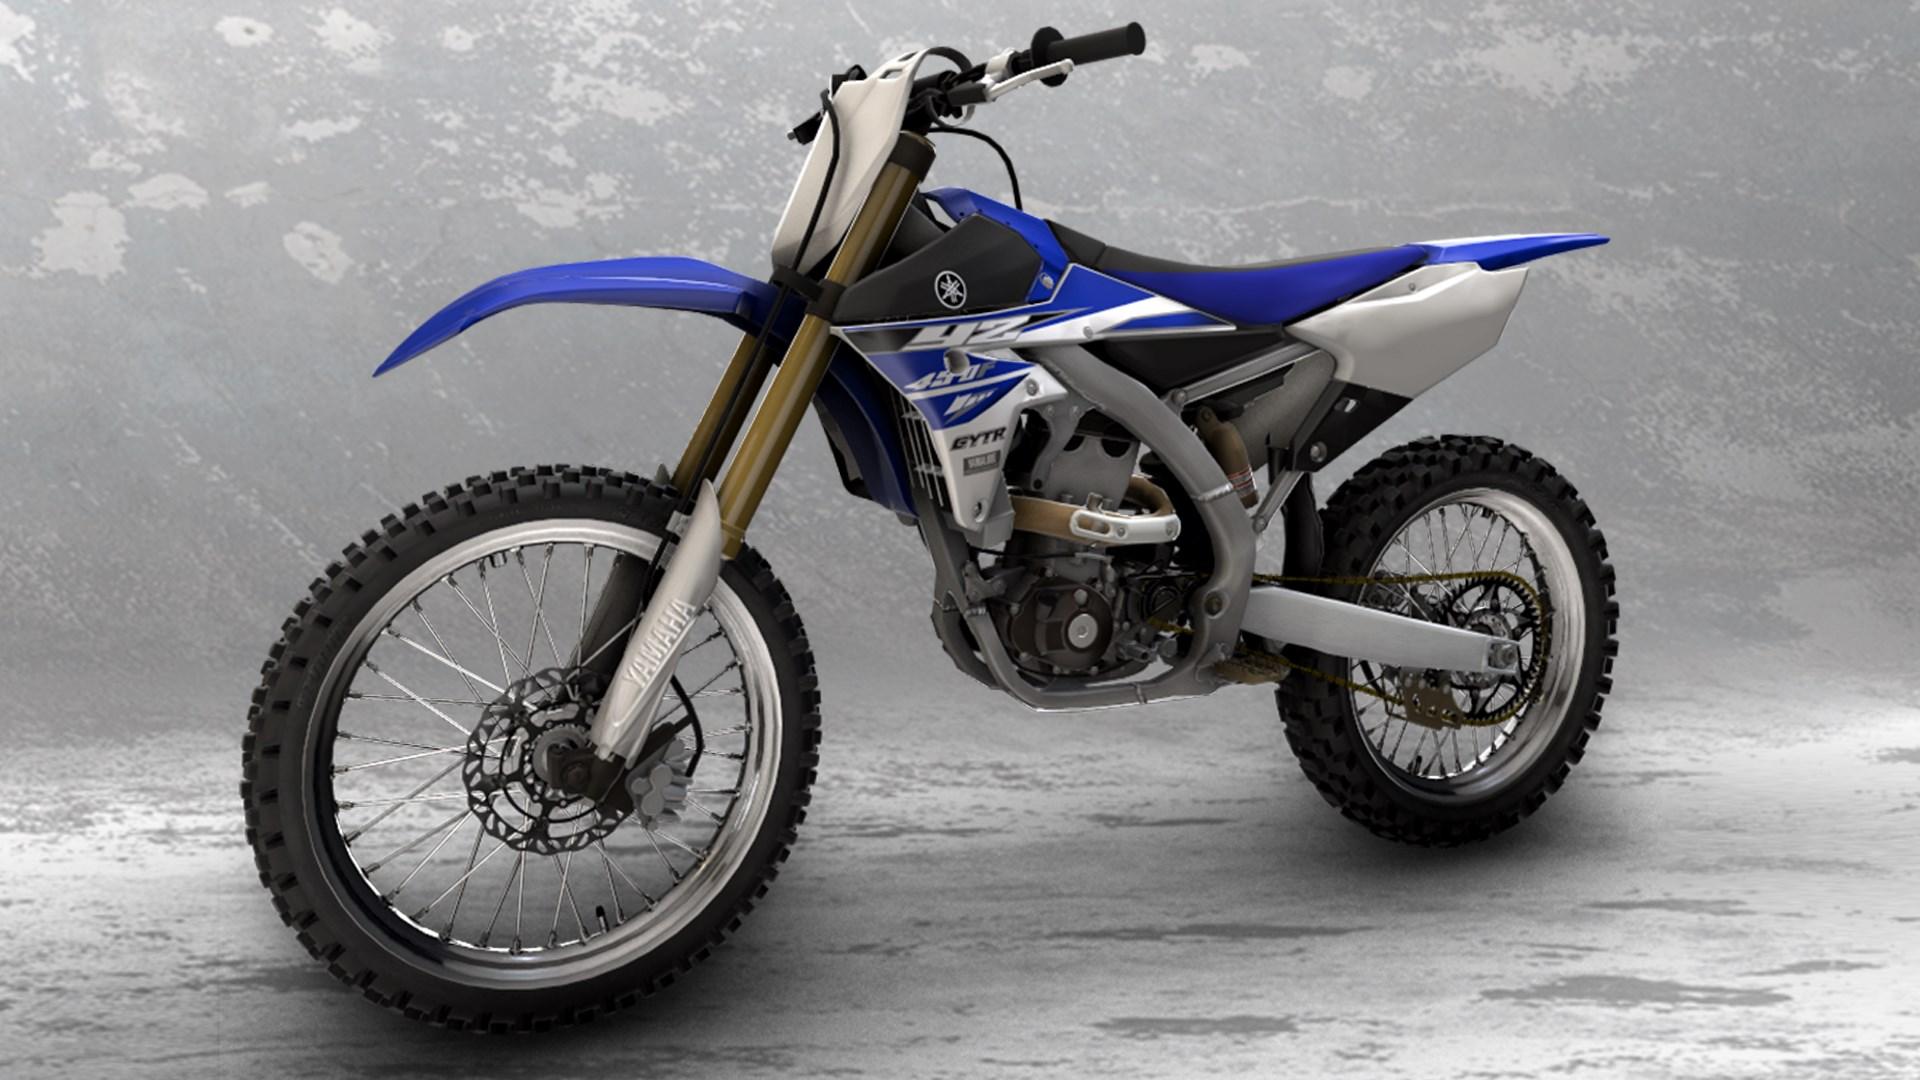 2015 Yamaha YZ450F MX